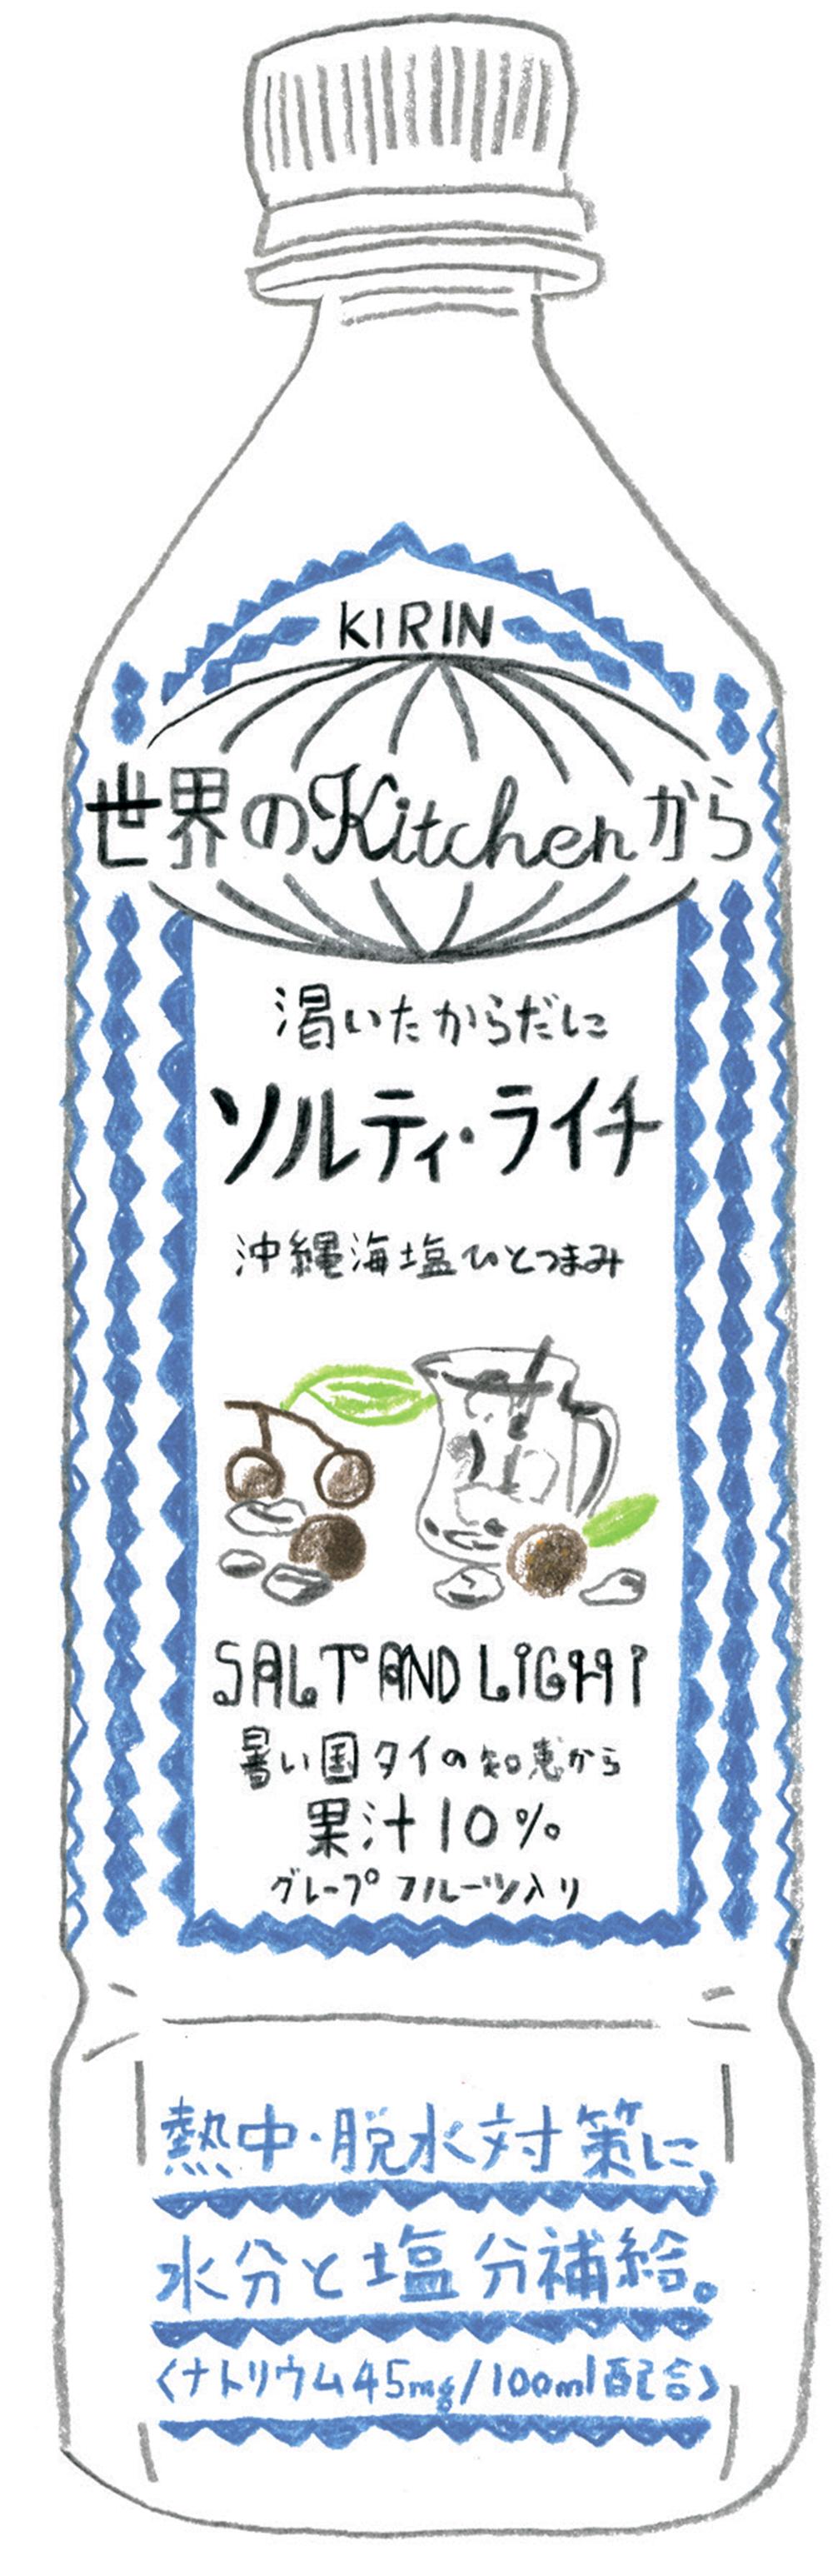 『KIRIN 世界のkitchenから ソルティ・ライチ』オリジナル作品(2011年)